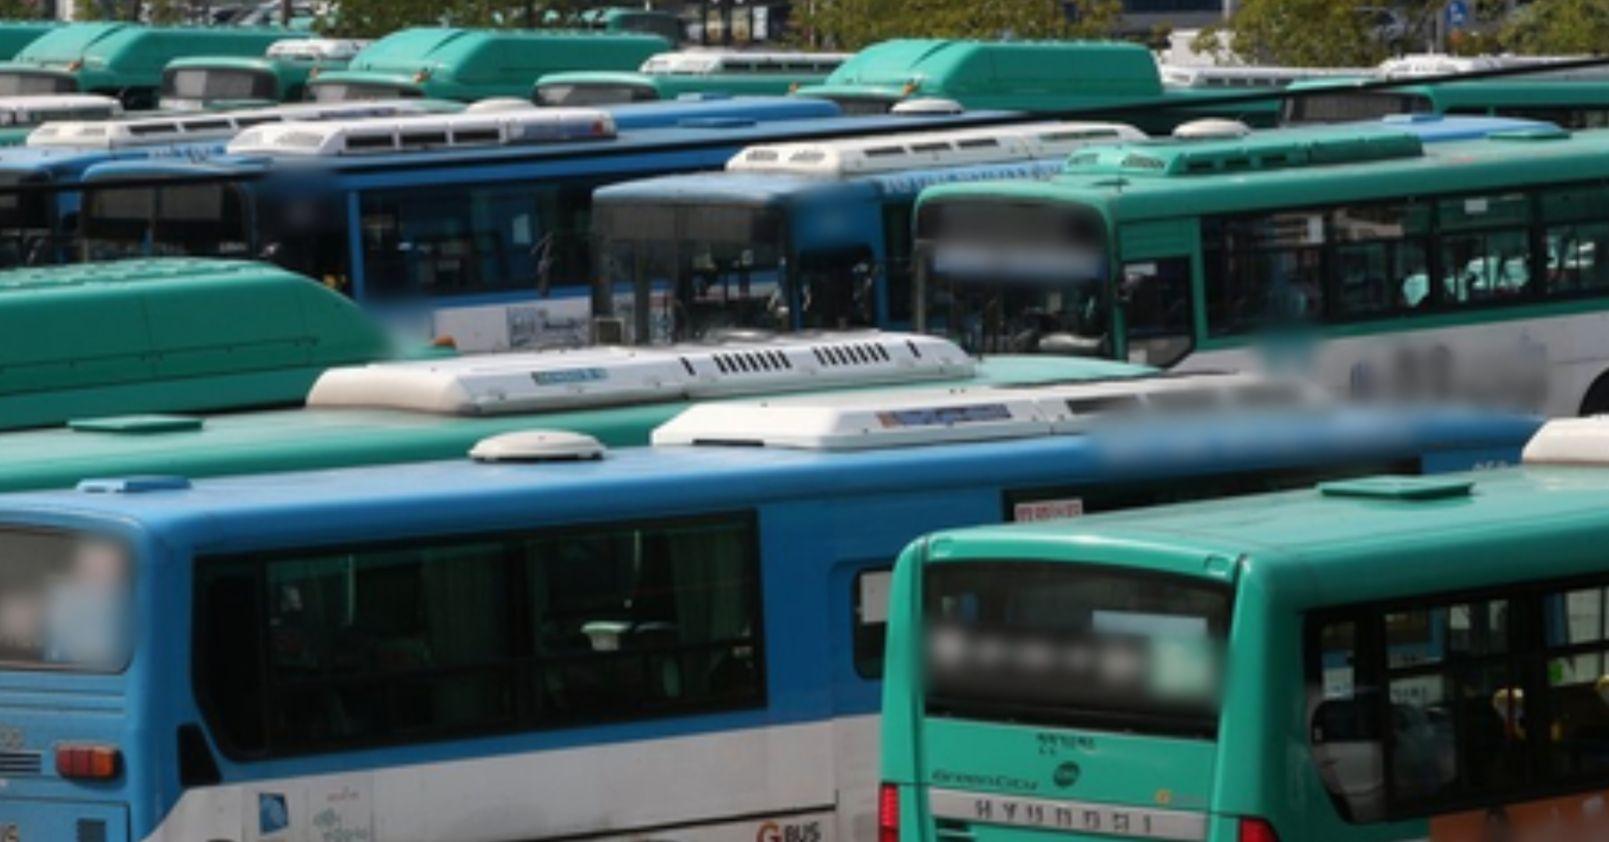 주 52시간 관련 대책이 제대로 추진되지 않으면 시내버스 대란도 배제하기 어렵다. [연합뉴스]